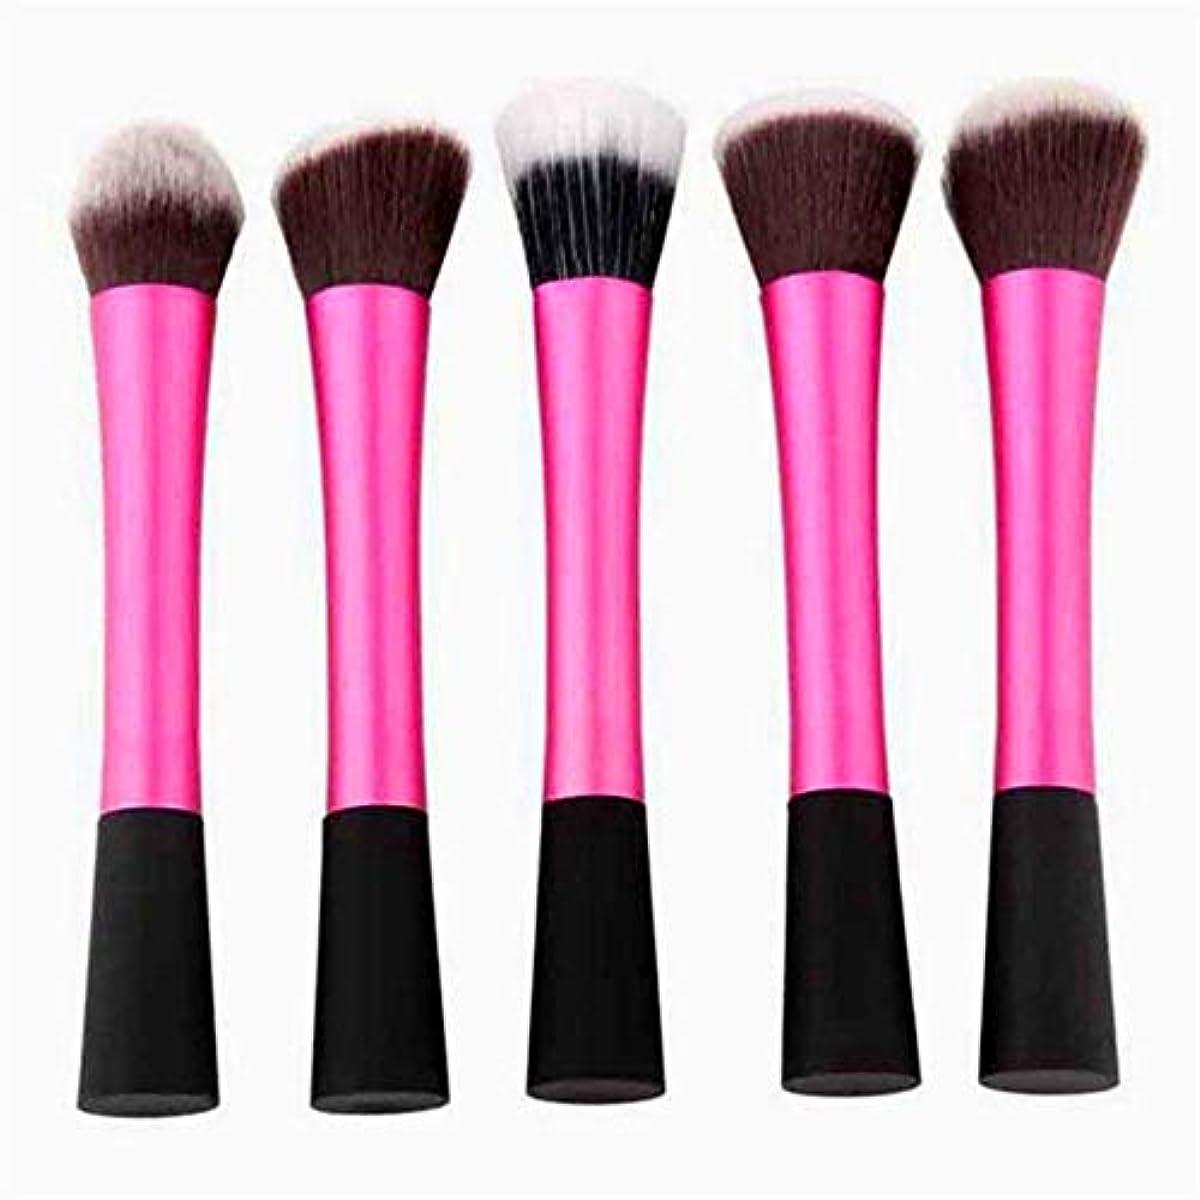 不確実通行料金一晩Makeup brushes 5ピースピンクメイクアップブラシセット熟したアイドルパウダーブラシアイシャドウブラシ輪郭ブラシ suits (Color : Pink)